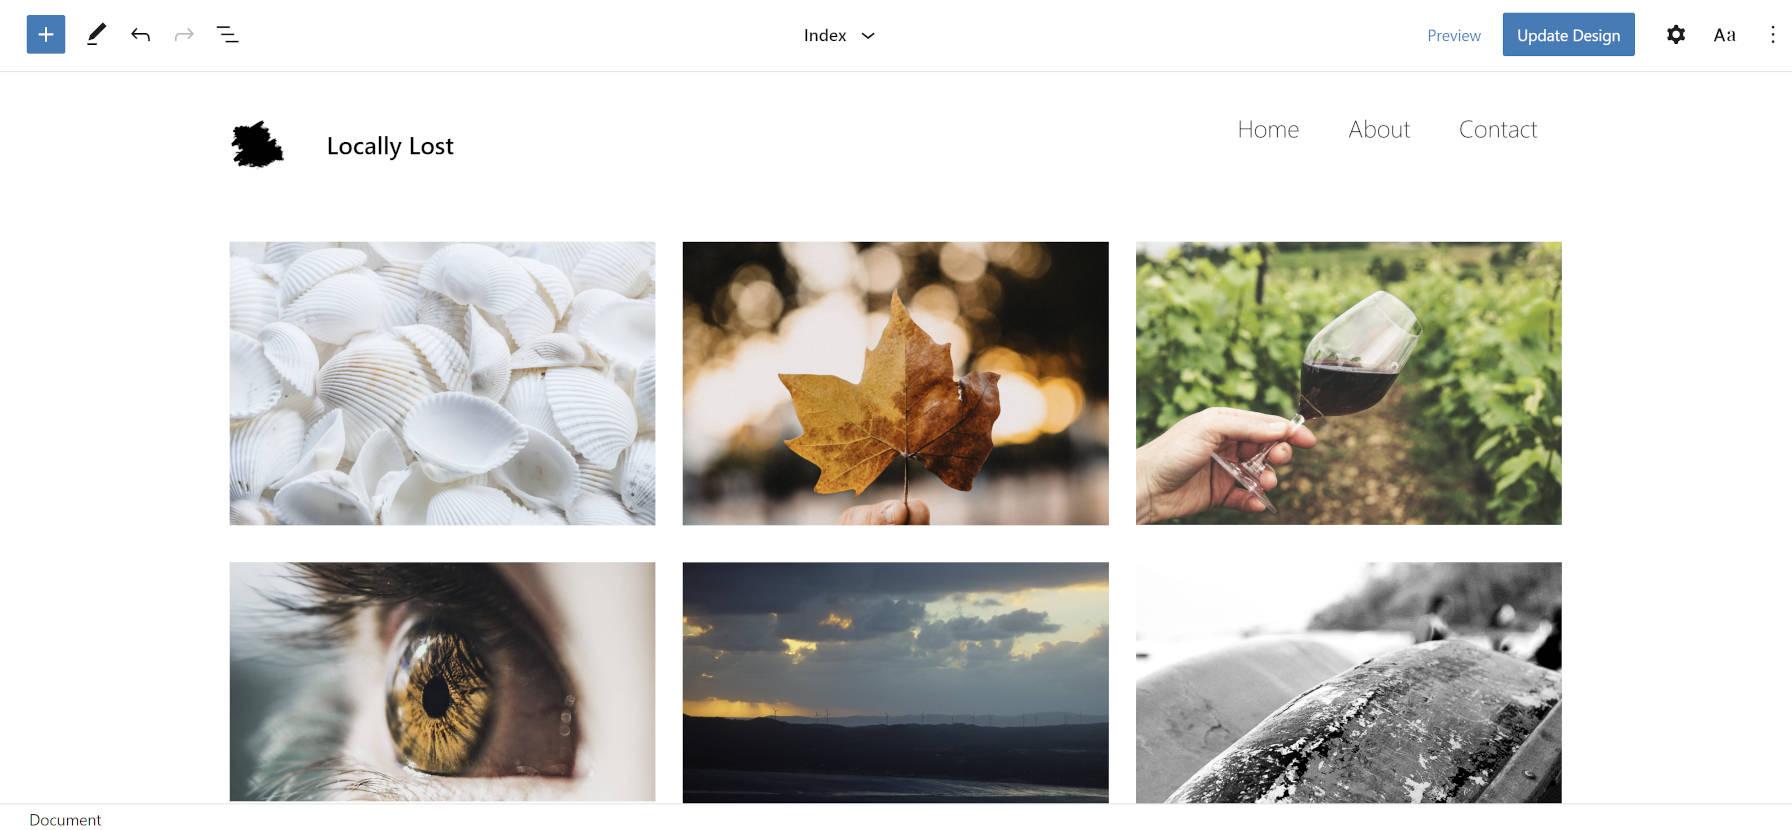 Thème des blocs photo dans l'éditeur de site.